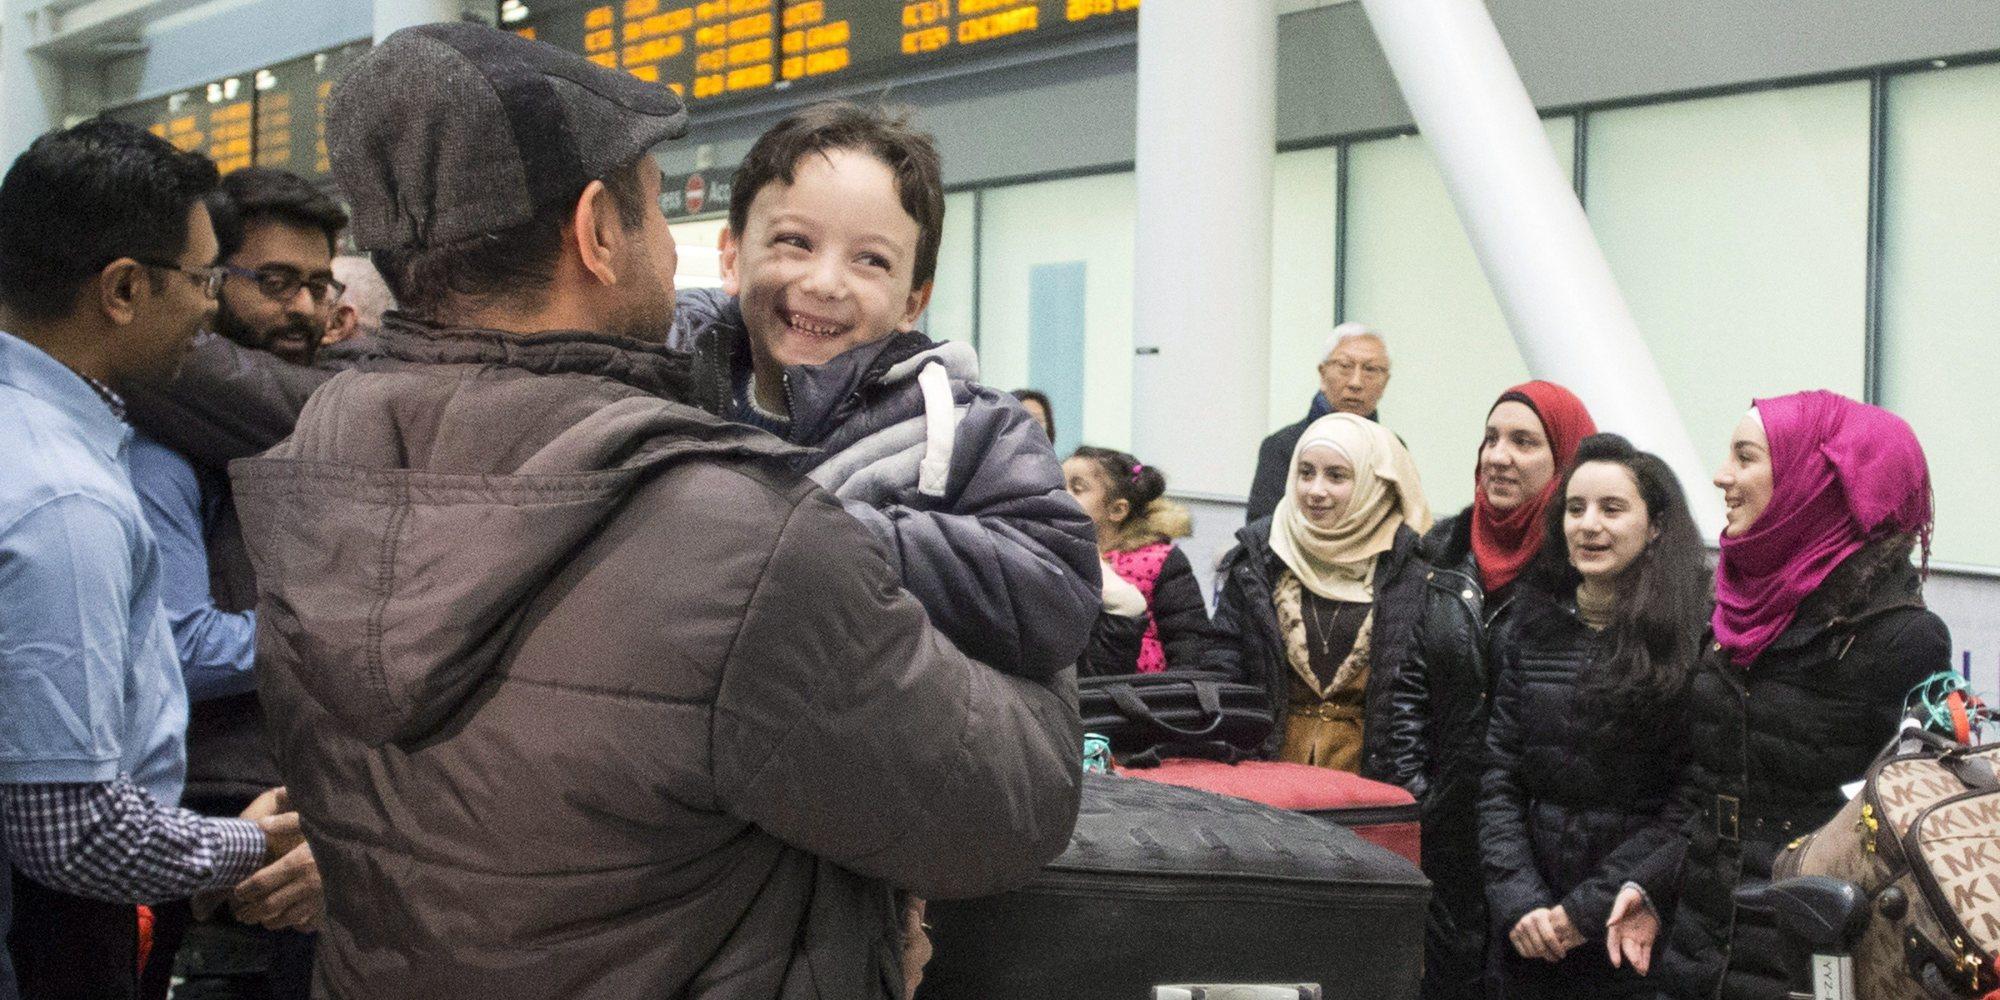 o-SYRIAN-REFUGEES-TORONTO-facebook.jpg